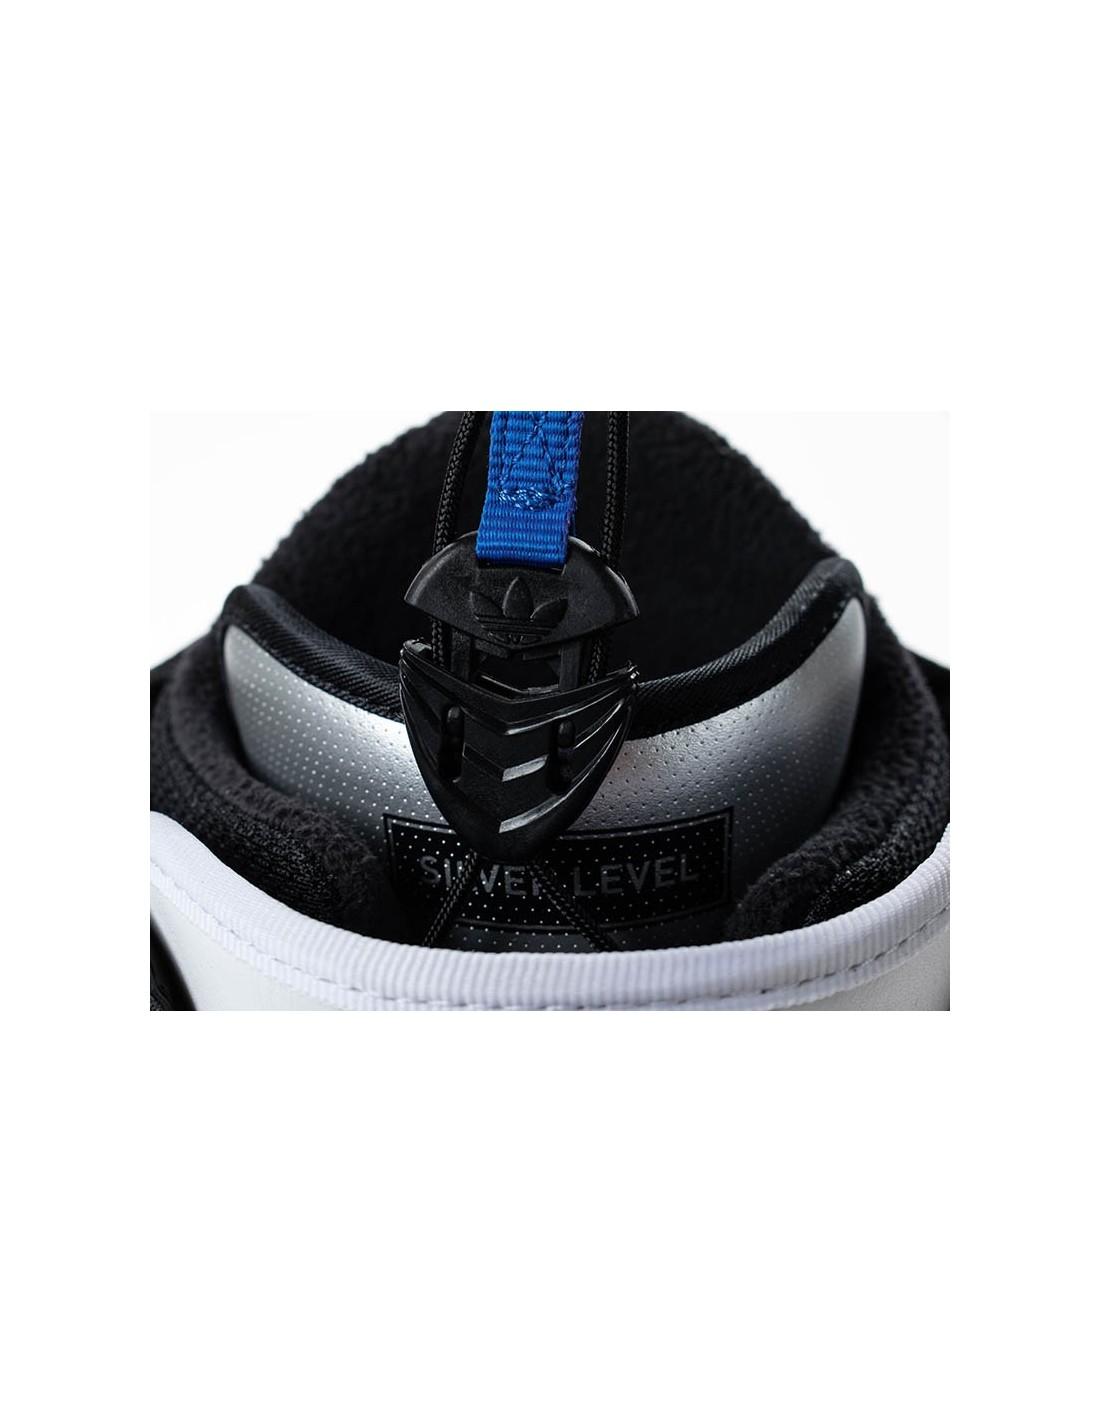 Adidas Buty Adidas Response ADV Dual Boa Black 2018